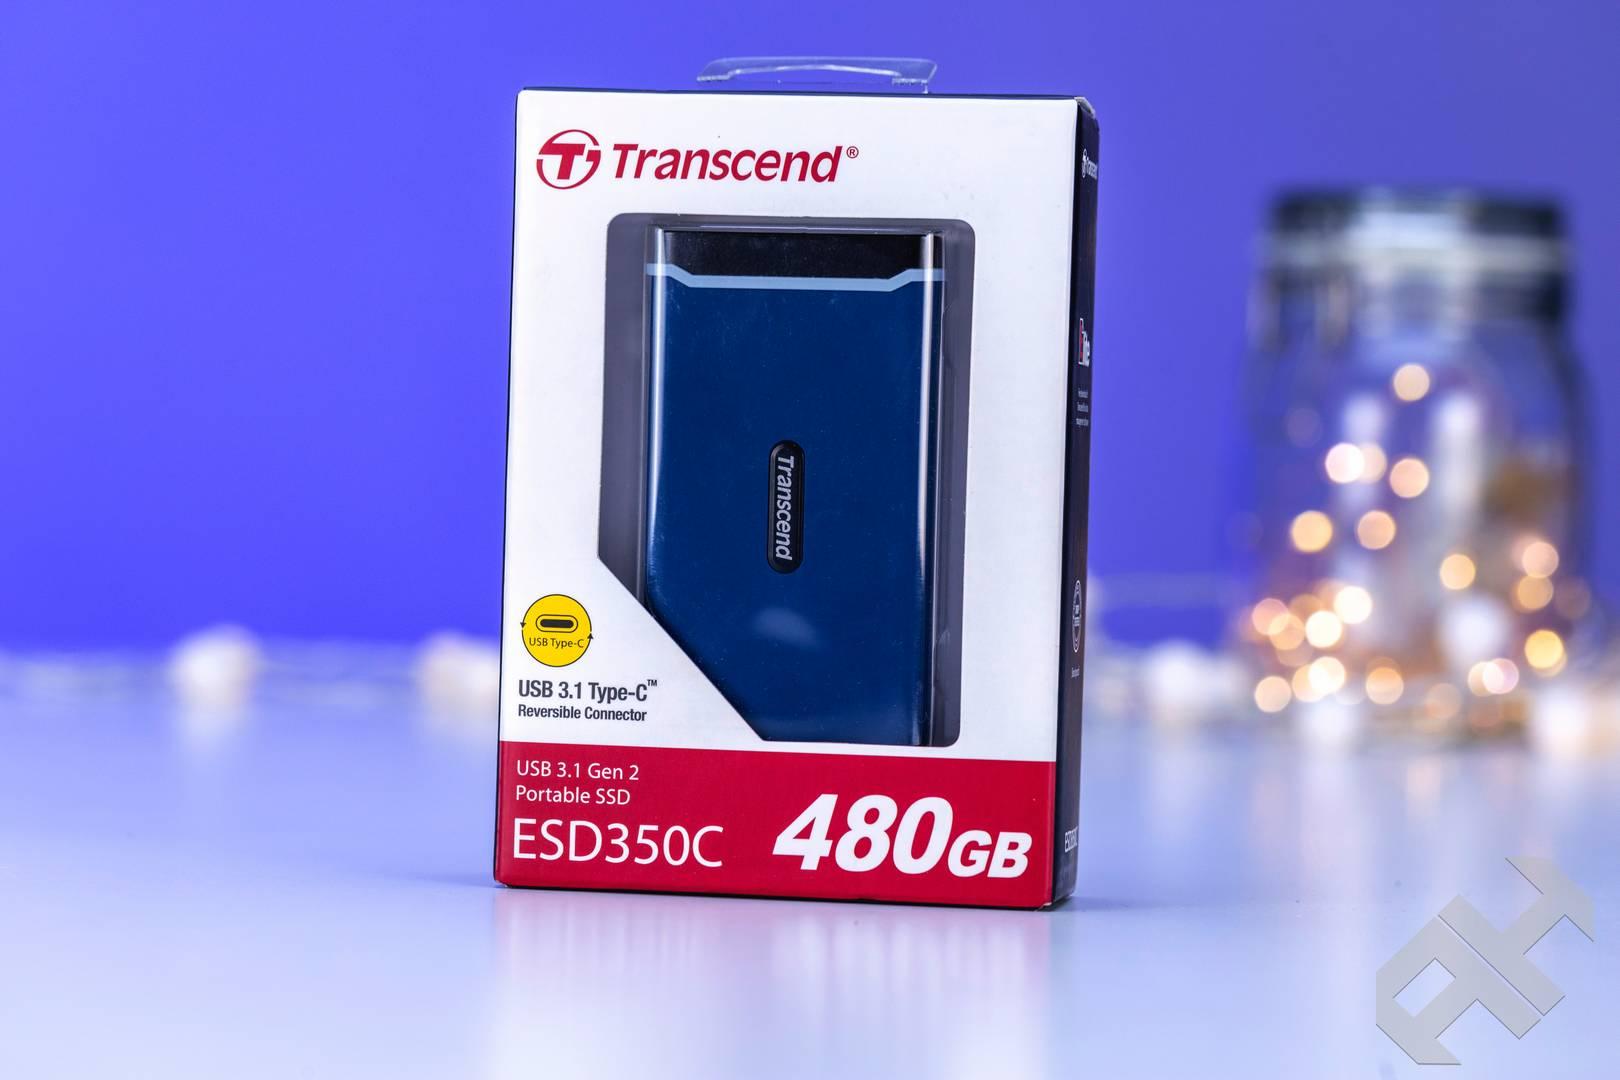 Transcend ESD350C